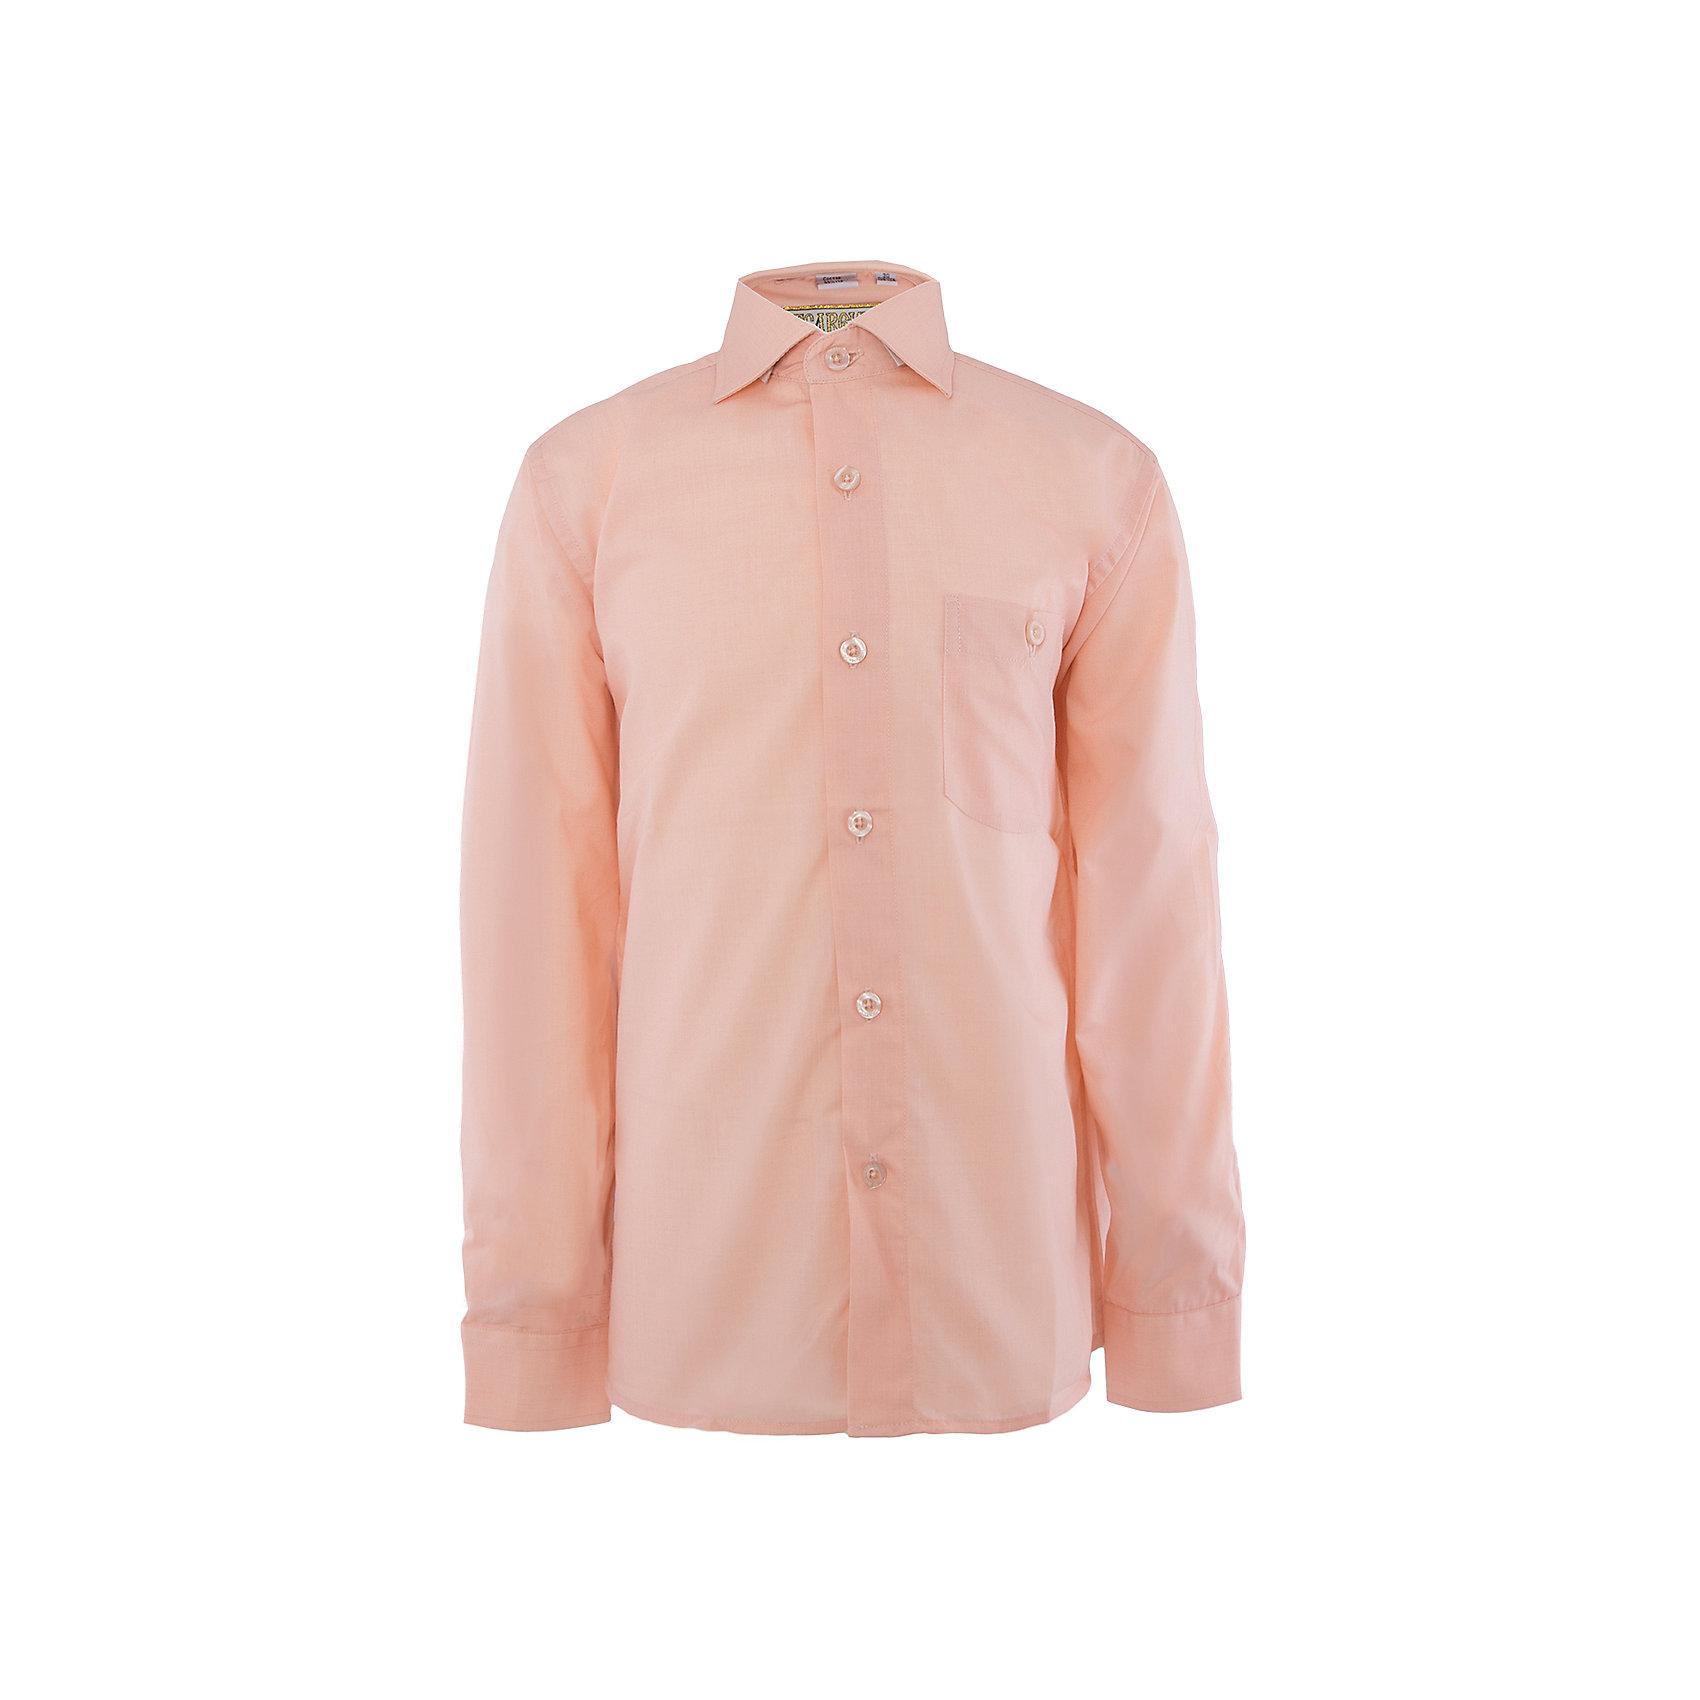 Рубашка для мальчика TsarevichБлузки и рубашки<br>Рубашка для мальчика от российской марки Tsarevich<br><br>Модная рубашка с длинным рукавом хорошо сидит по фигуре, не стесняет движения. Материал - гипоаллергенный, дышащий и приятный на ощупь.<br><br>Особенности модели:<br><br>- материал - легкий, с содержанием хлопка;<br>- цвет - персиковый;<br>- карман на груди с пуговицей;<br>- рукав длинный;<br>- застежки-пуговицы;<br>- манжеты;<br>- отложной воротник;<br>- пуговицы на манжетах.<br><br>Дополнительная информация:<br><br>Состав: 55% хлопок, 45% полиэстер<br><br>Габариты:<br><br>длина рукава - 44 см;<br>длина по спинке - 53 см.<br><br>* соответствует размеру 30/128-134<br><br>Уход за изделием:<br><br>стирка в машине при температуре до 40°С,<br>не отбеливать,<br>гладить на средней температуре.<br><br>Рубашку для мальчика от российской марки Tsarevich (Царевич) можно купить в нашем магазине.<br><br>Ширина мм: 174<br>Глубина мм: 10<br>Высота мм: 169<br>Вес г: 157<br>Цвет: красный<br>Возраст от месяцев: 132<br>Возраст до месяцев: 144<br>Пол: Мужской<br>Возраст: Детский<br>Размер: 146/152,158/164,122/128,164/170,152/158,134/140,128/134,140/146<br>SKU: 4295917